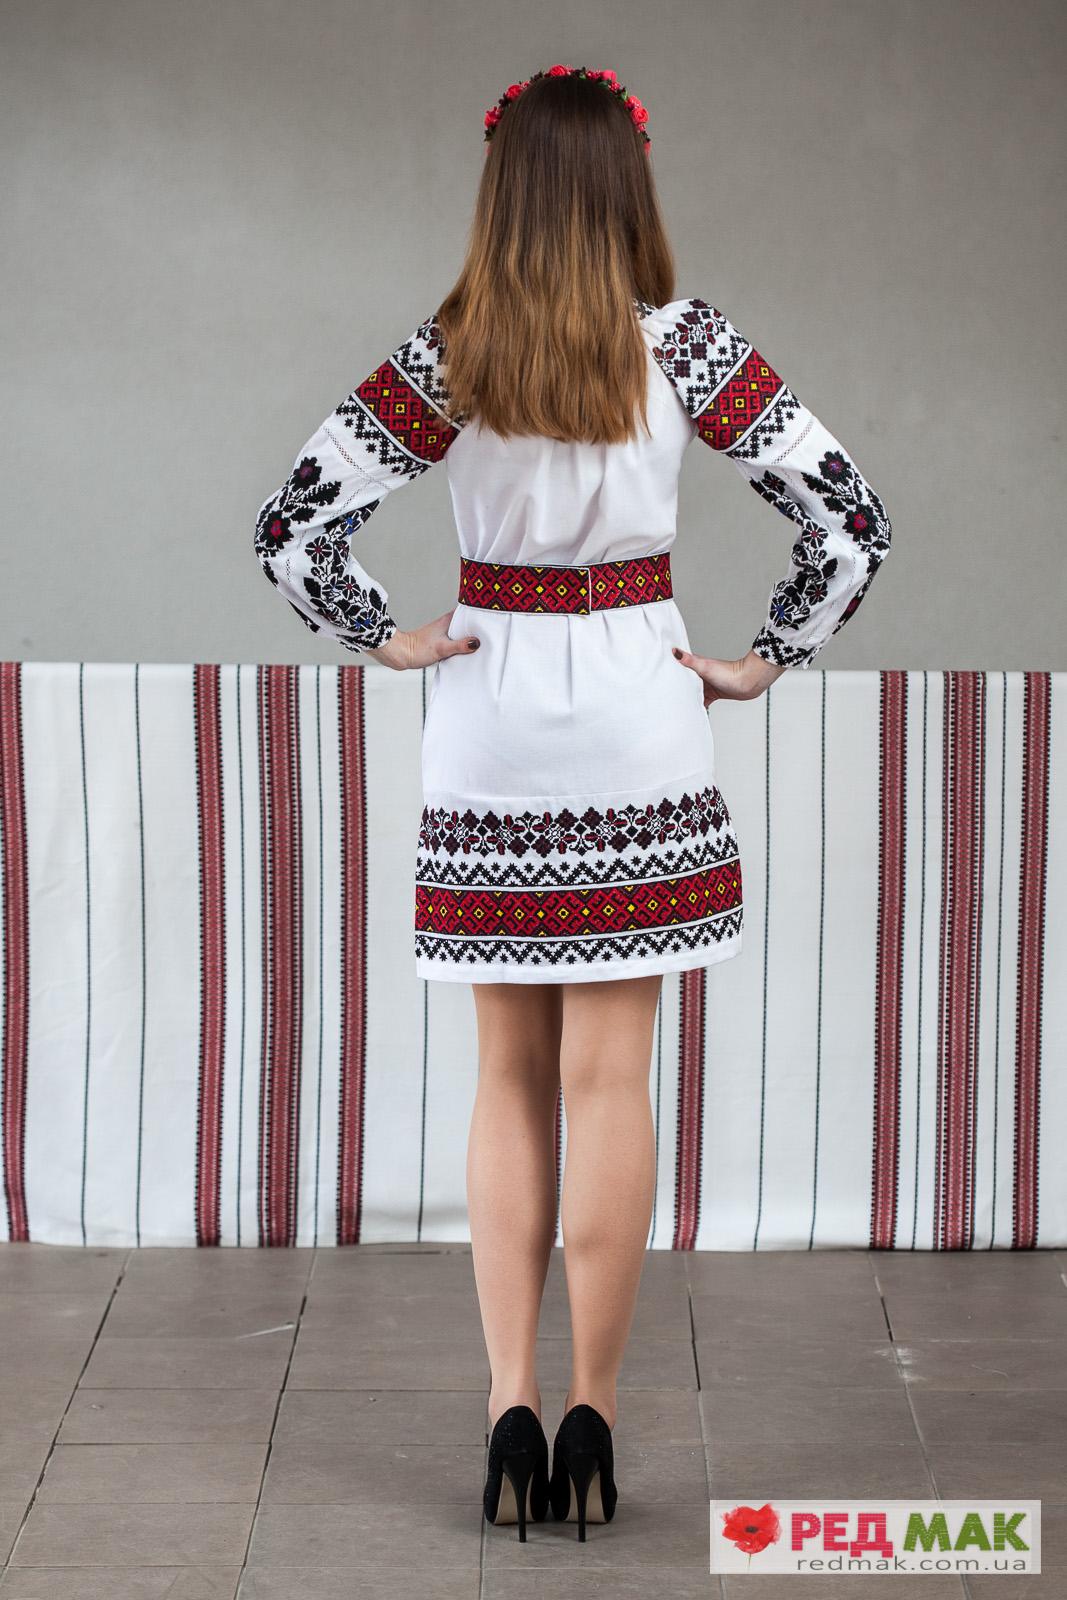 Біла сукня з домотканого полотна з вишивкою у традиційному борщівському  стилі